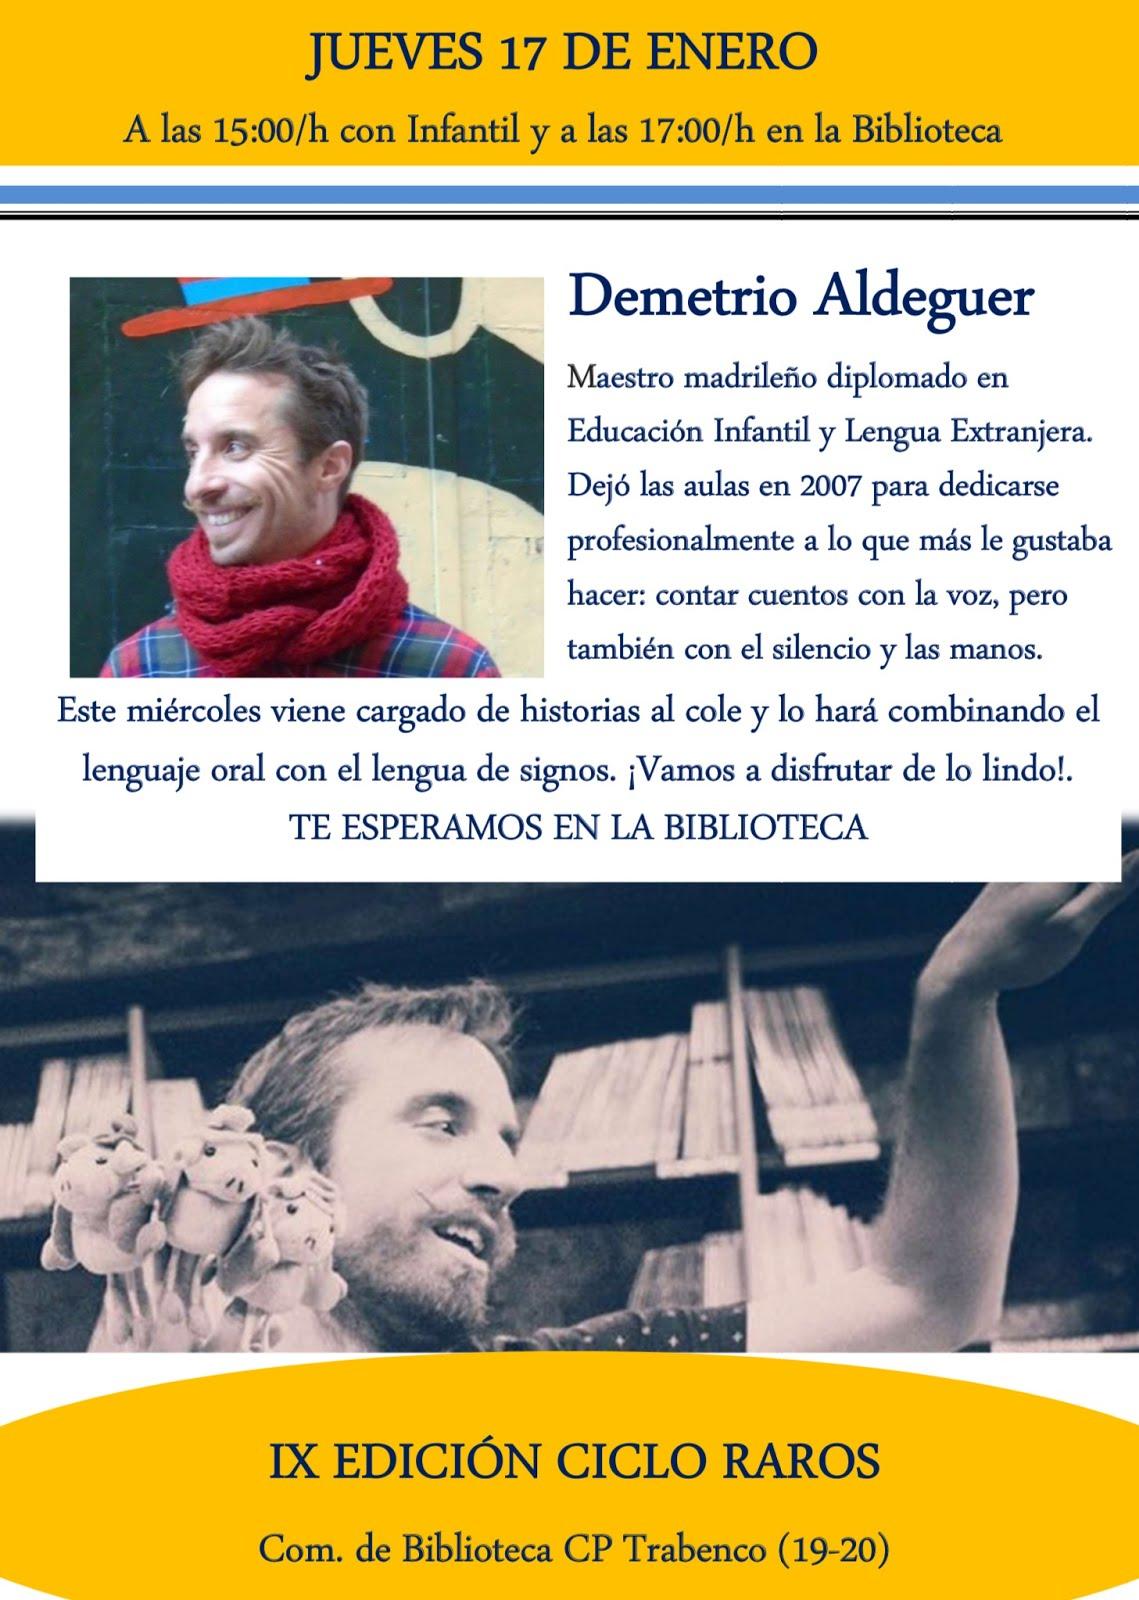 Demetrio Aldeguer